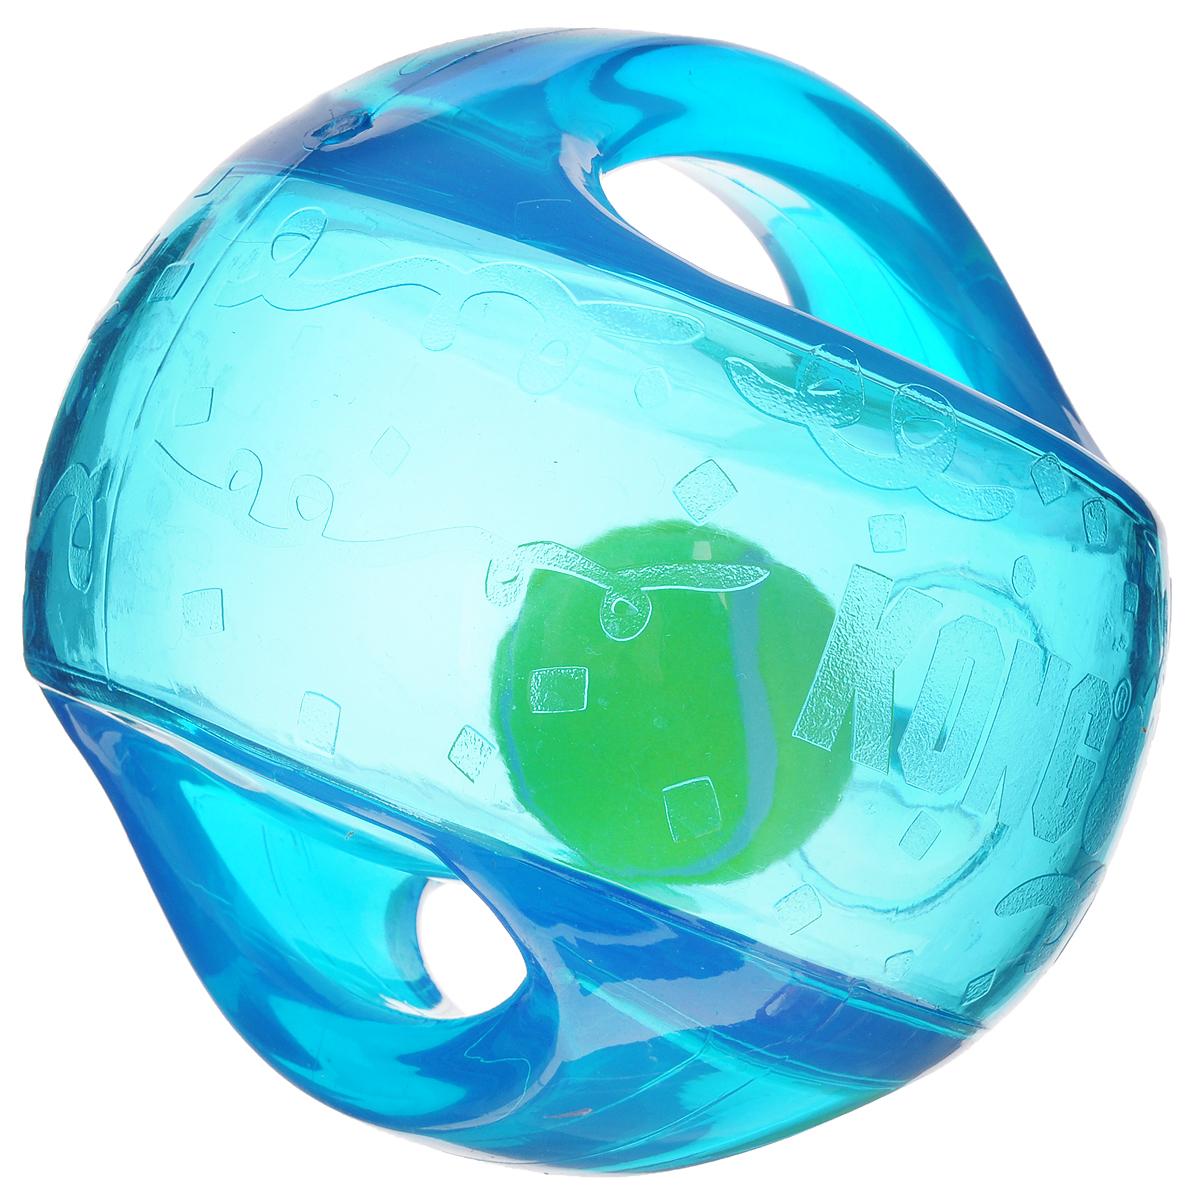 Игрушка для собак Kong Мячик, с пищалкой, цвет: прозрачный, синий, 12 х 12 х 12 см670STEXИгрушка для собак Kong Мячик, выполненная извысококачественного каучука, представляет собой мяч 2 в 1.Теннисный мяч, расположенный внутри, гремит и будетпривлекать внимание вашего питомца, побуждая достать его.Просто потрясите игрушку. Удобные ручки служат дляподнятия. Также изделие оснащено пищалкой.С такой игрушкой вы сможете играть в захватывающие иактивные игры с вашей собакой. Она прекрасно подходит дляживотных среднего и крупного размера, с сильными челюстямии для использования в качестве дрессировочного предмета.